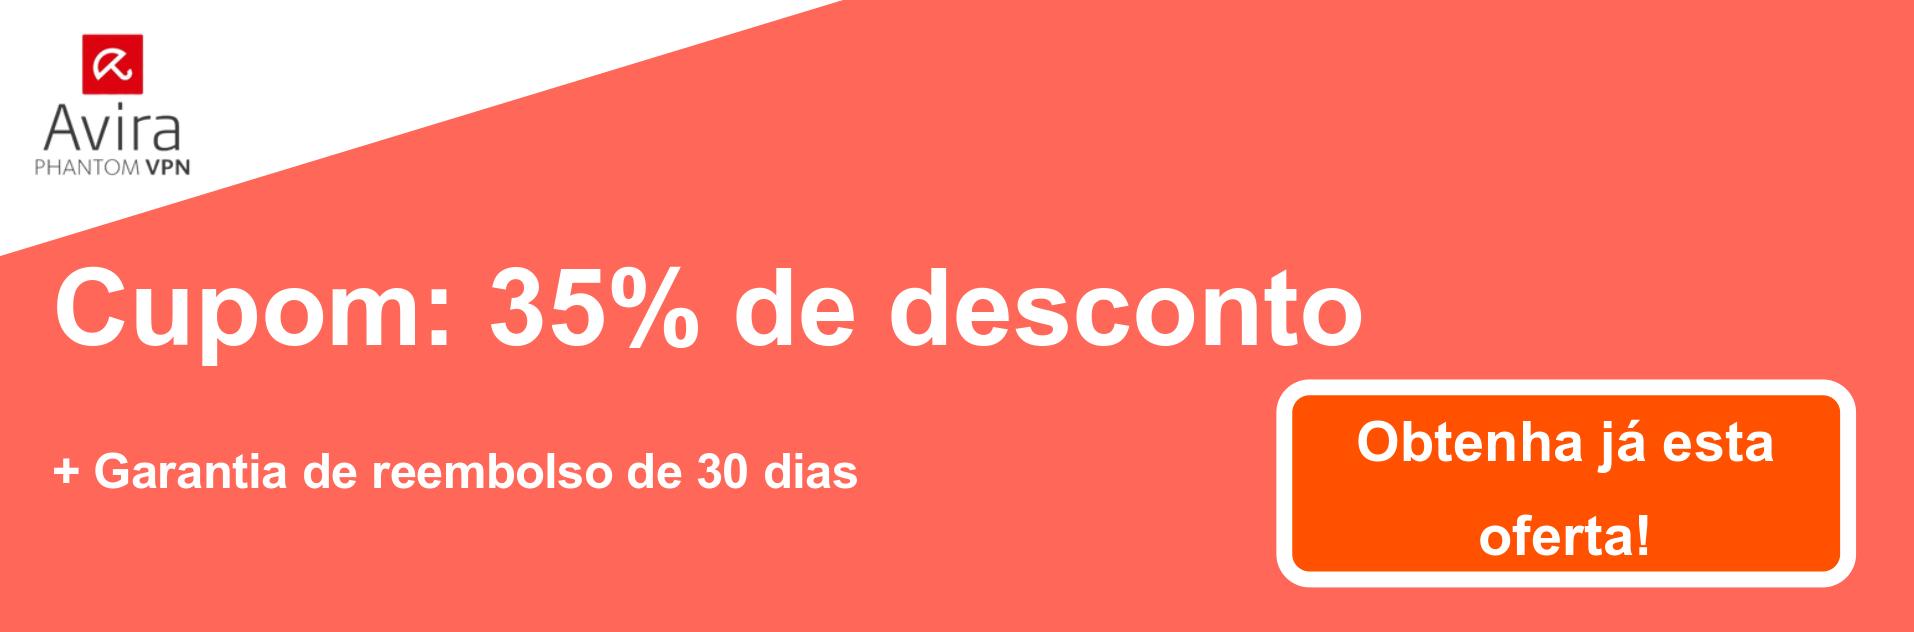 Banner do cupom AviraVPN - 35% de desconto